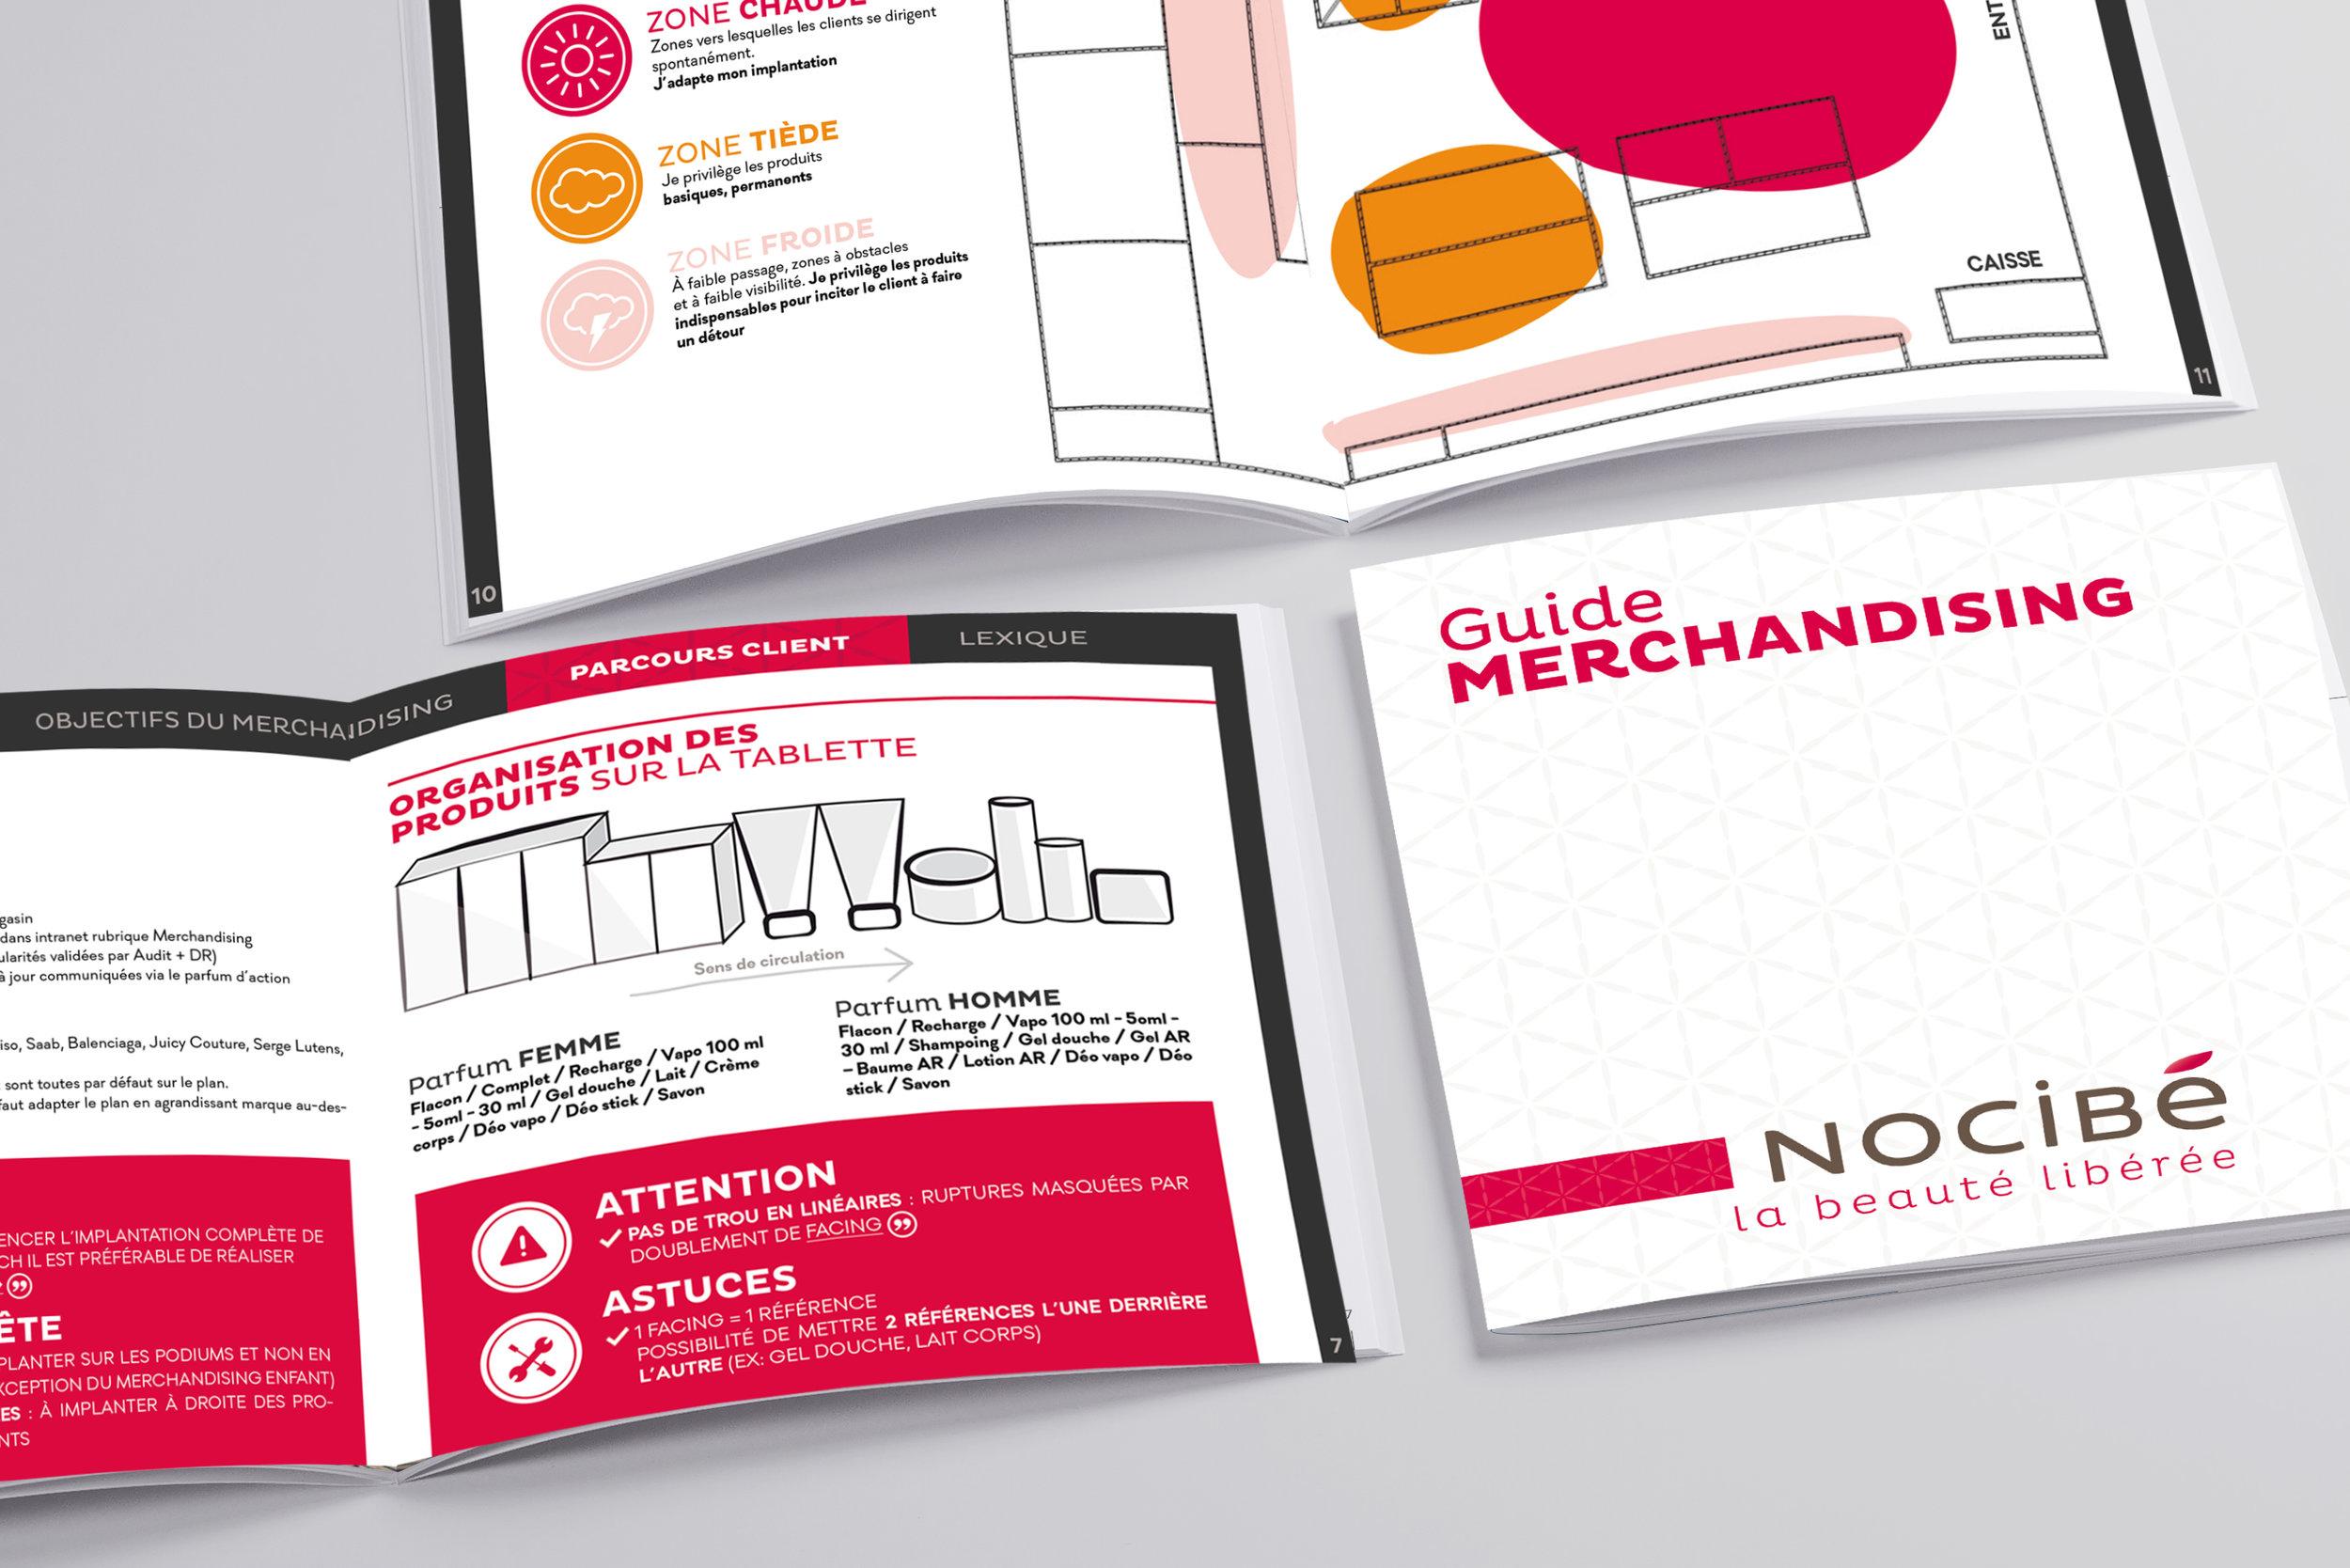 Guide merchandising pour les employé(e)s -